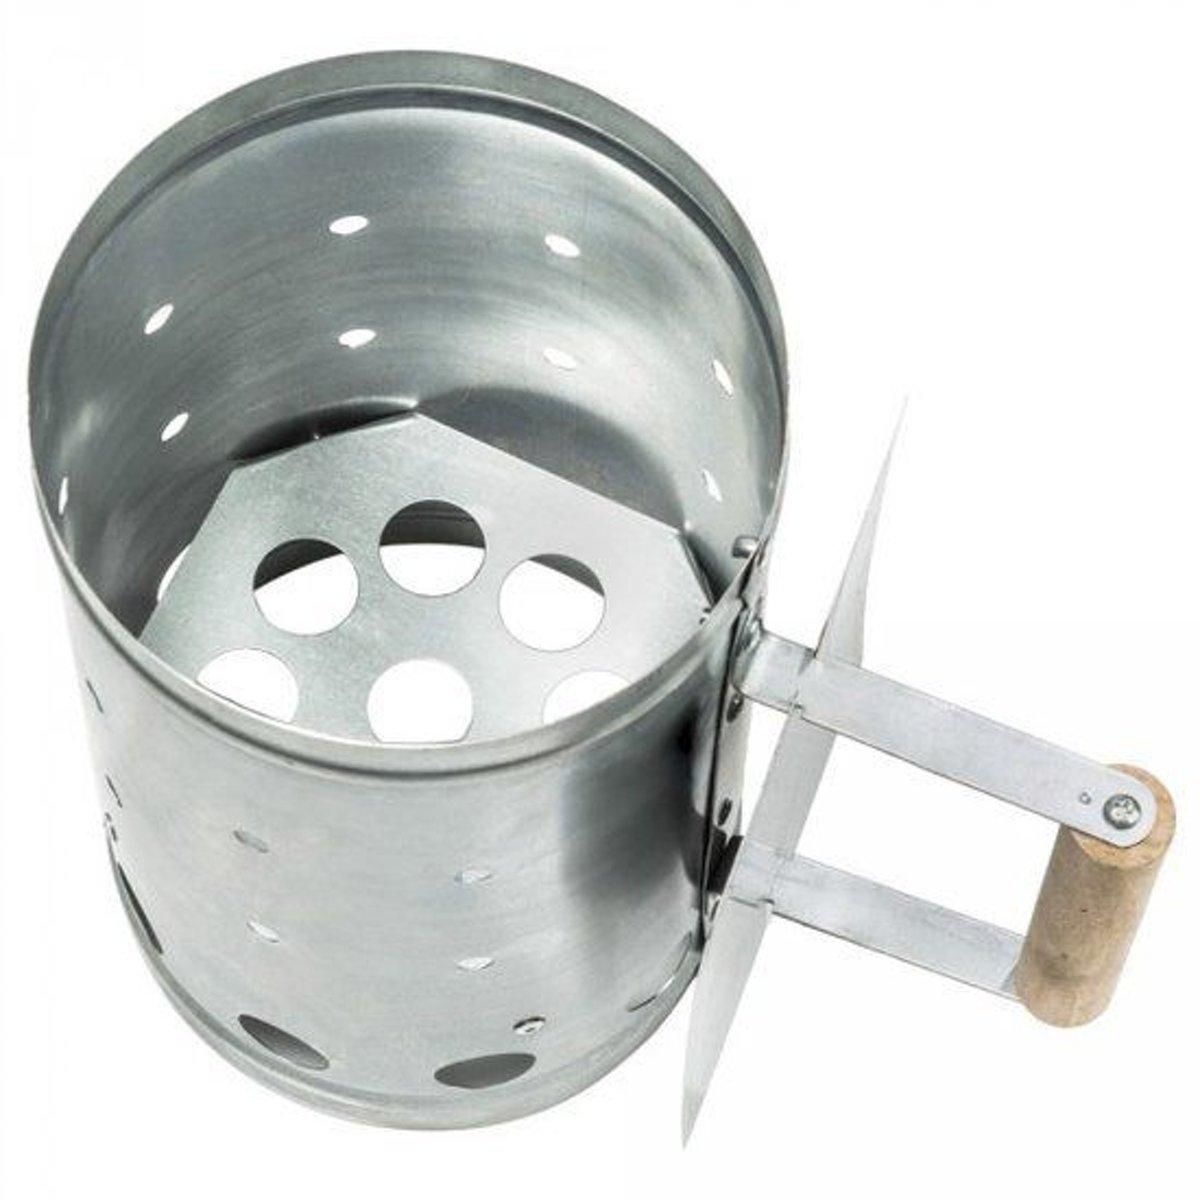 Houtskoolstarter Metaal - 27x16cm kopen